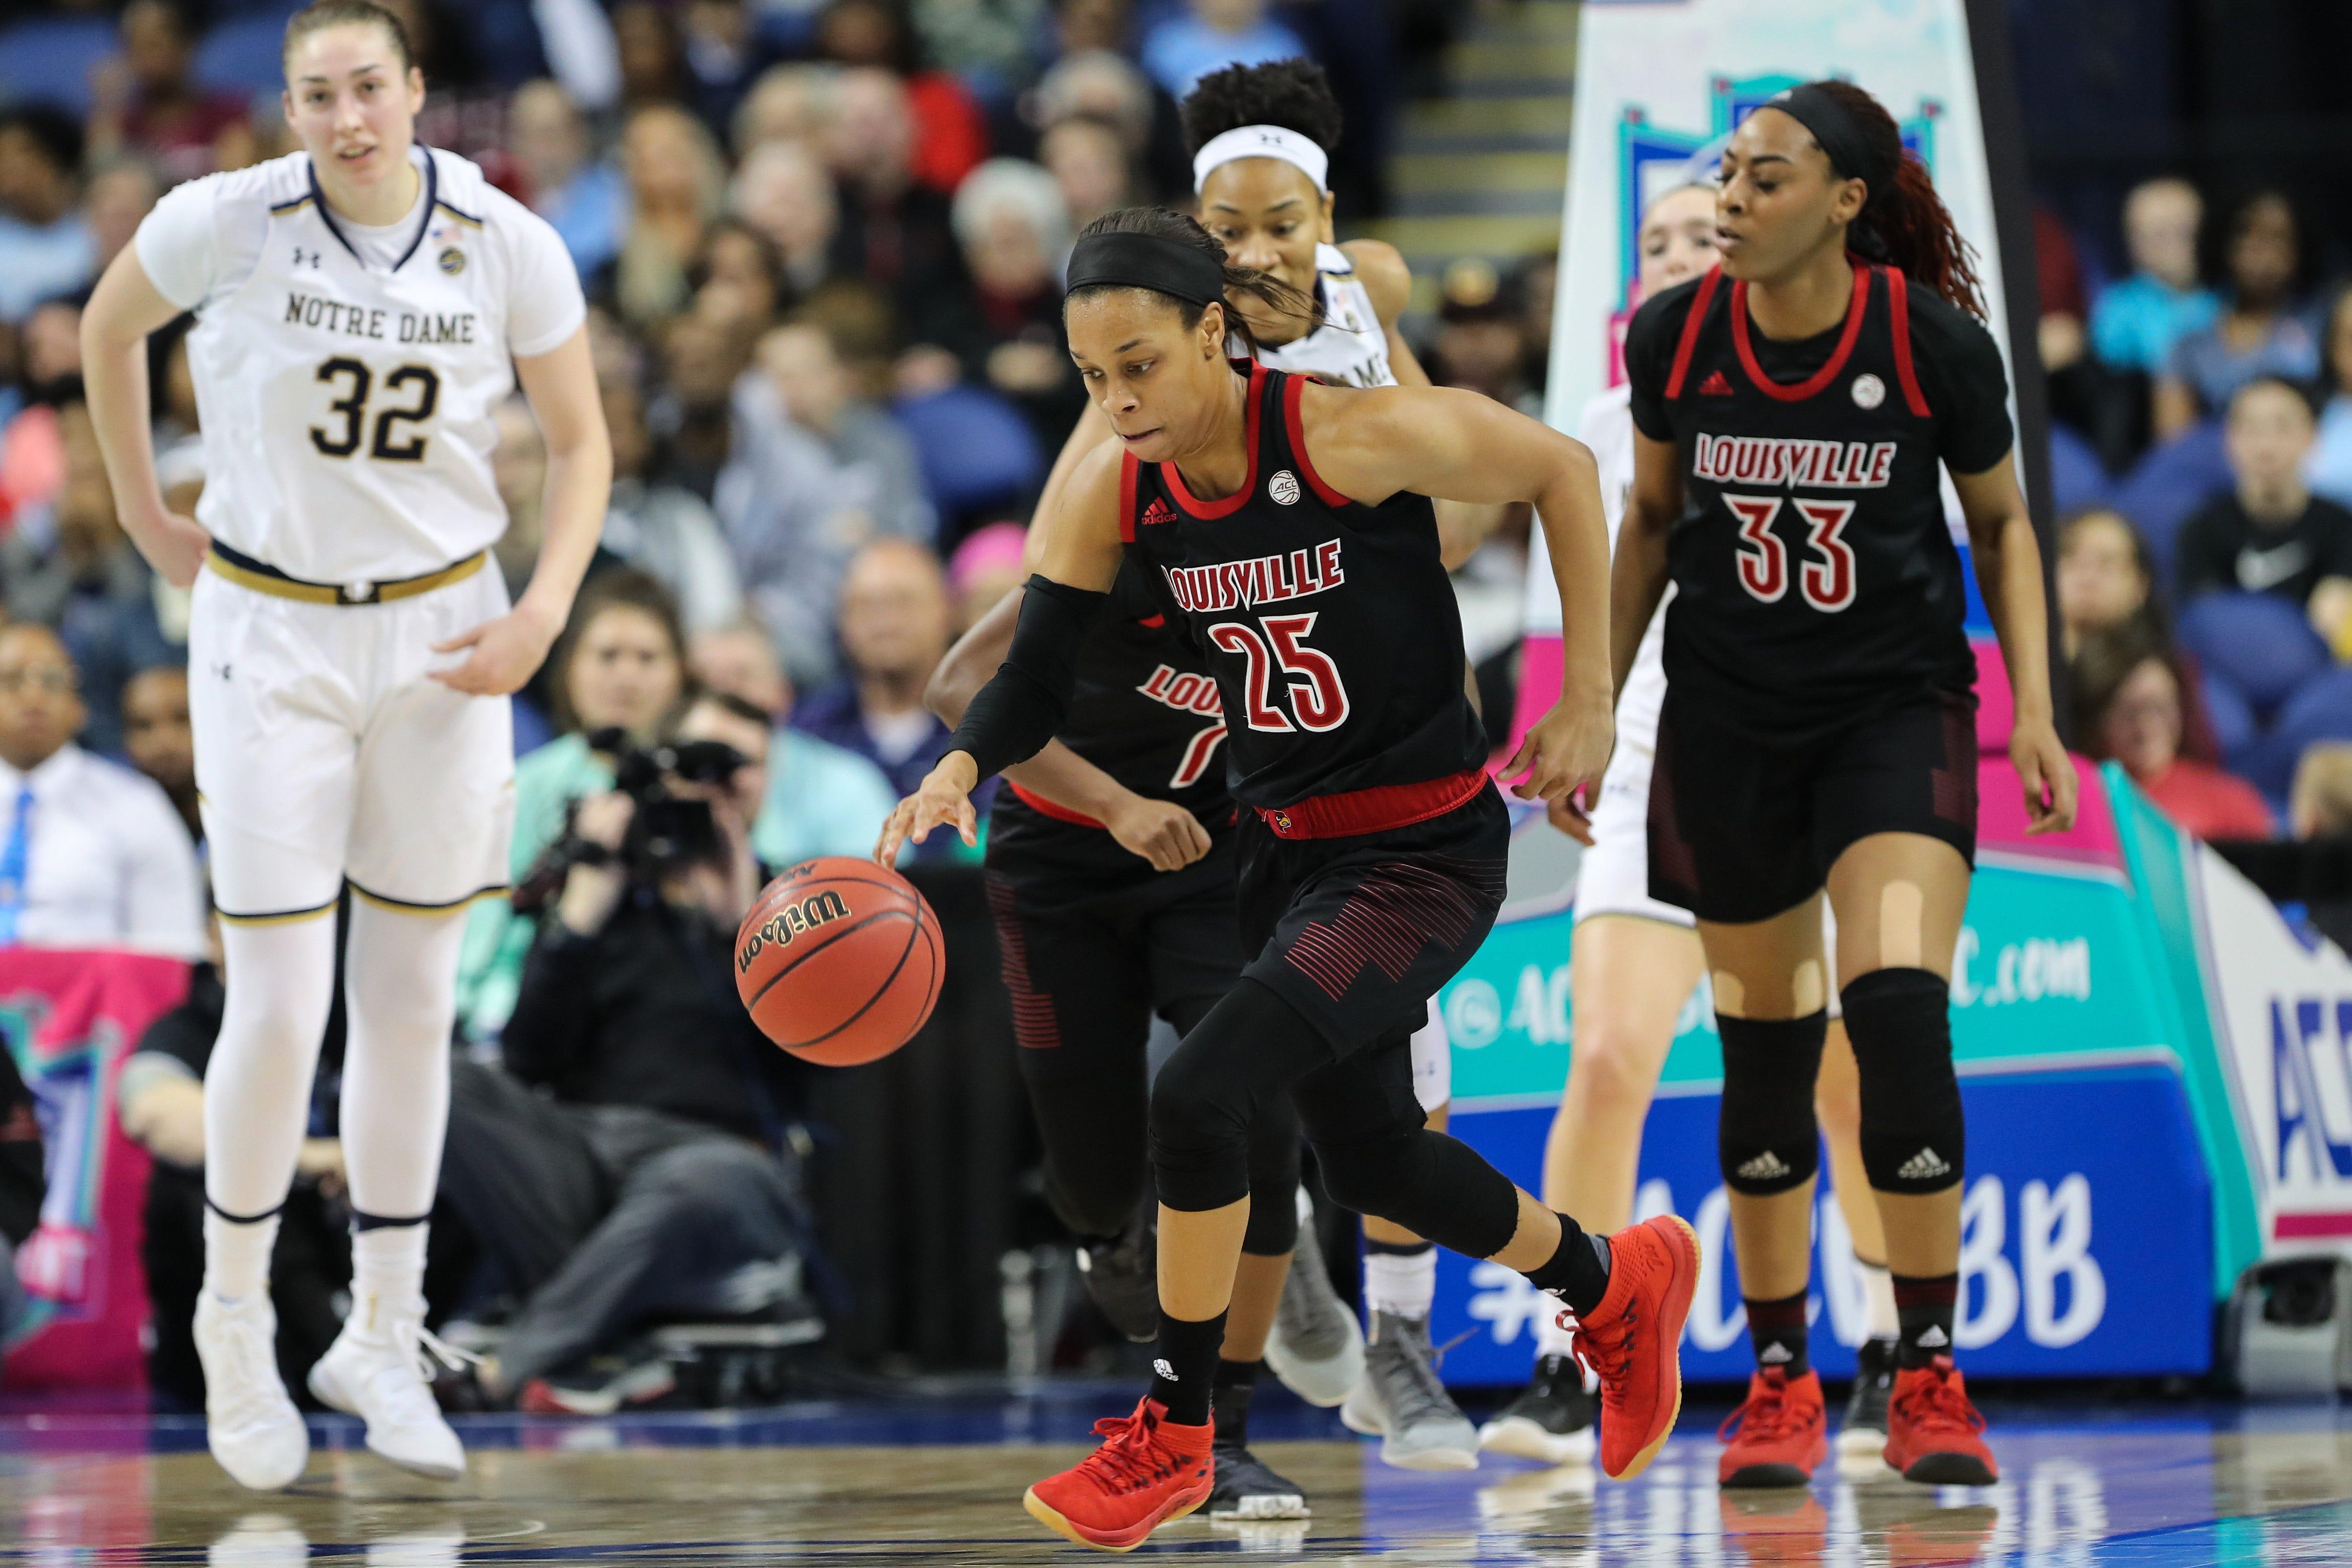 NCAA women's basketball tournament: Louisville